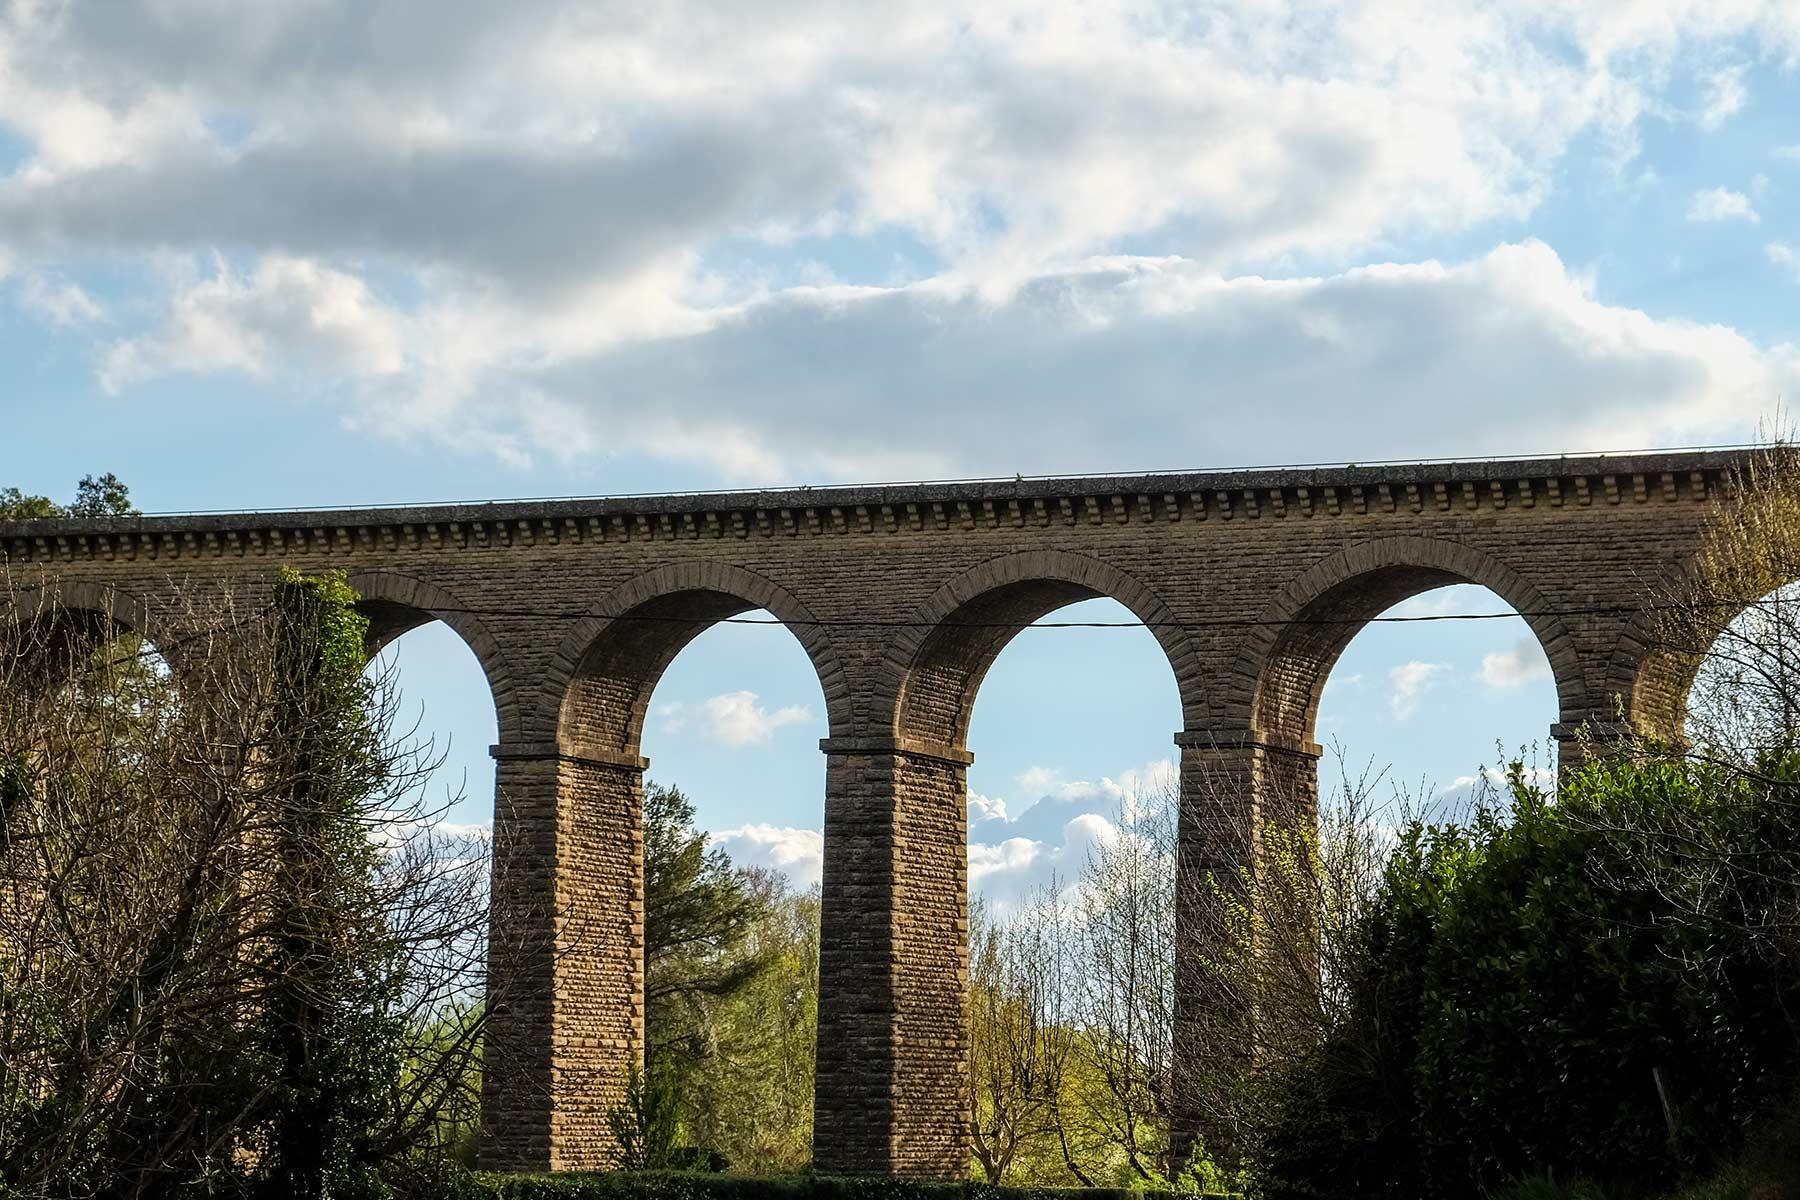 Fontaine de Vaucluse in der Provence, Frankreich